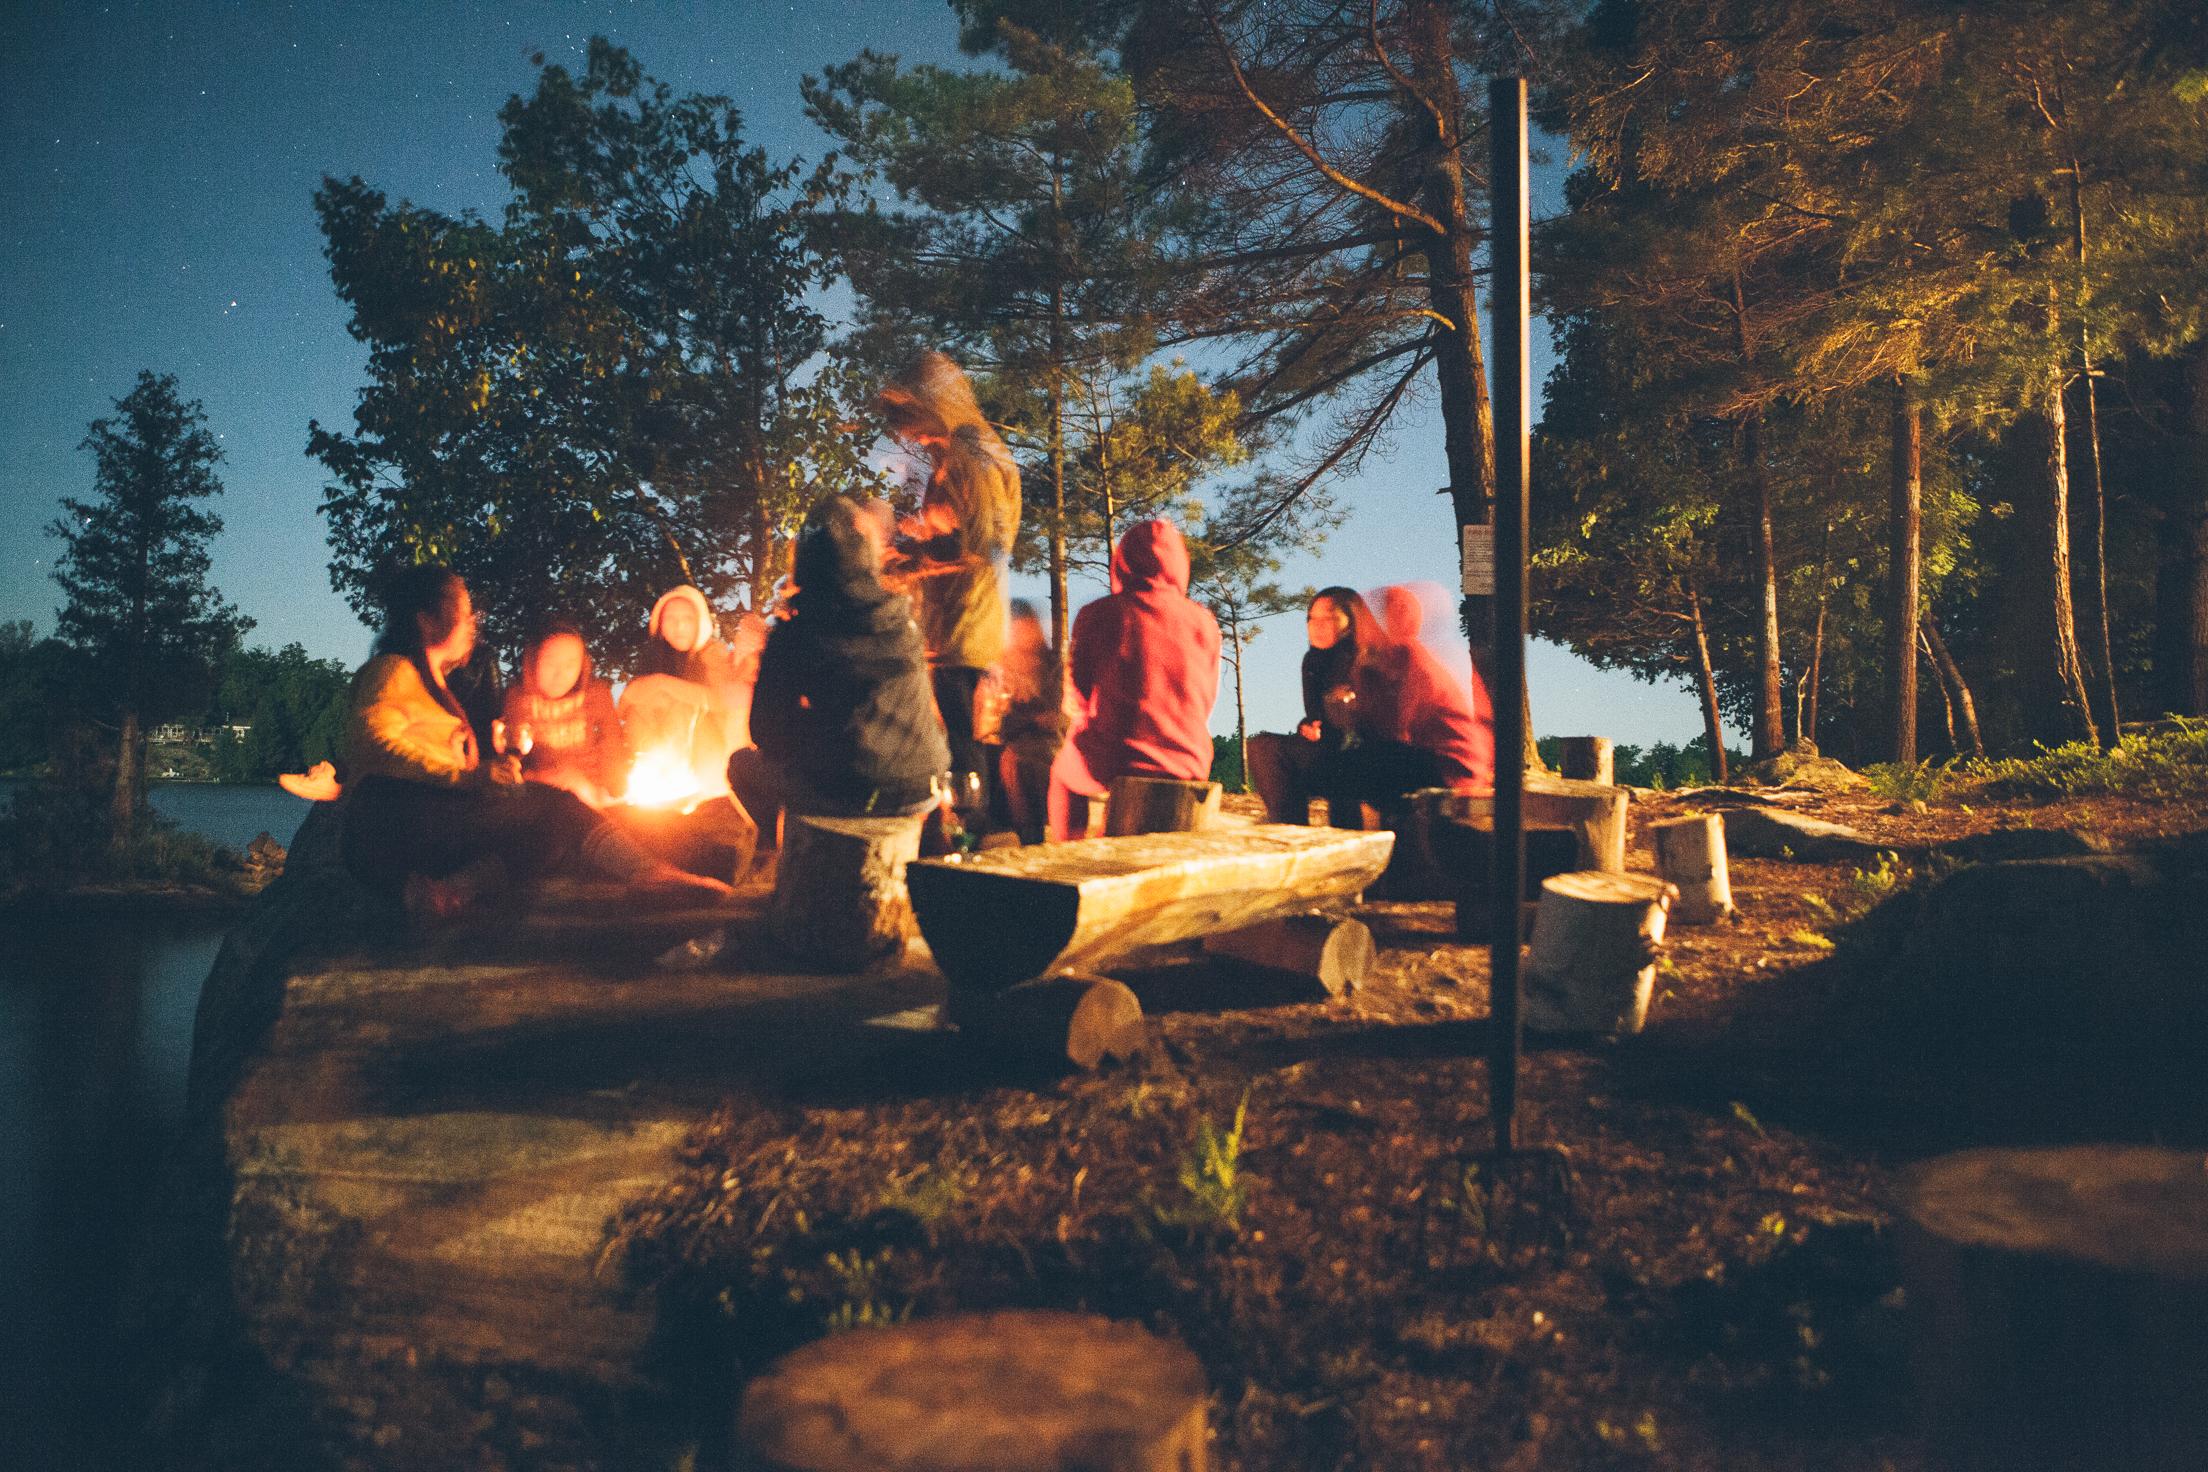 Camping at Lake Oconee